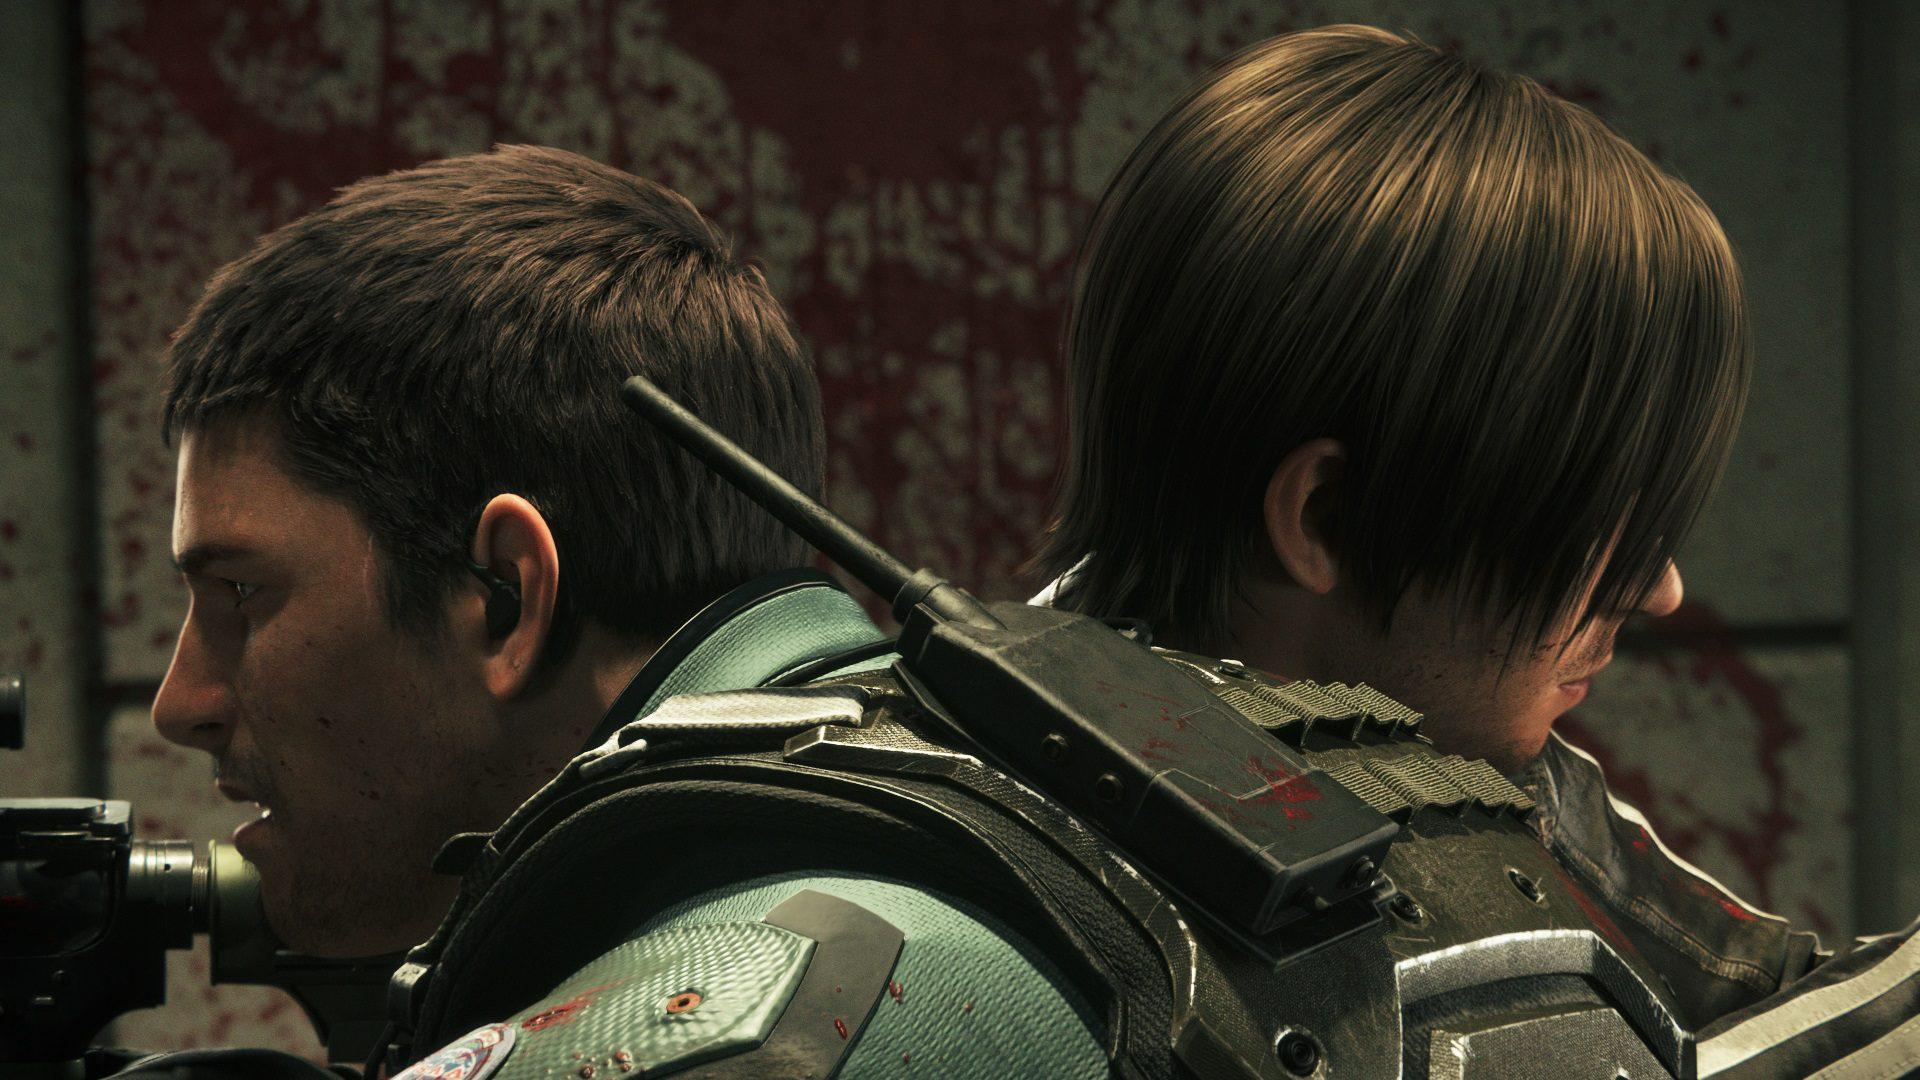 """Chris (Kevin Dorman) and Leon (Matthew Mercer) in """"Resident Evil: Vendetta"""". (Golden Village Pictures)"""